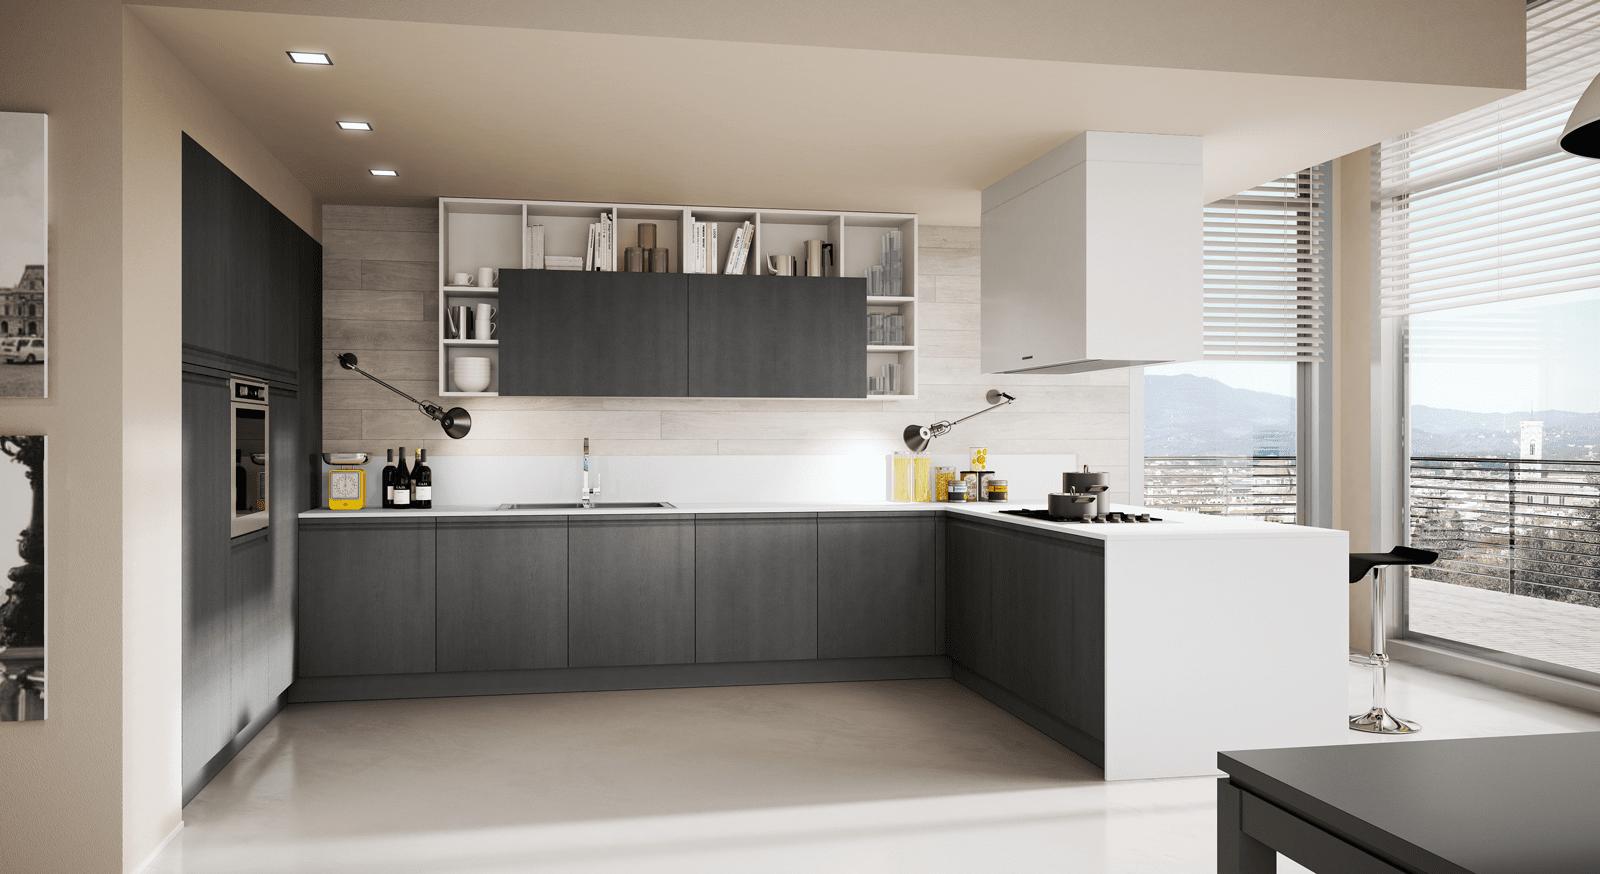 Best Ricambi Cucine Berloni Pictures - Design & Ideas 2017 - candp.us